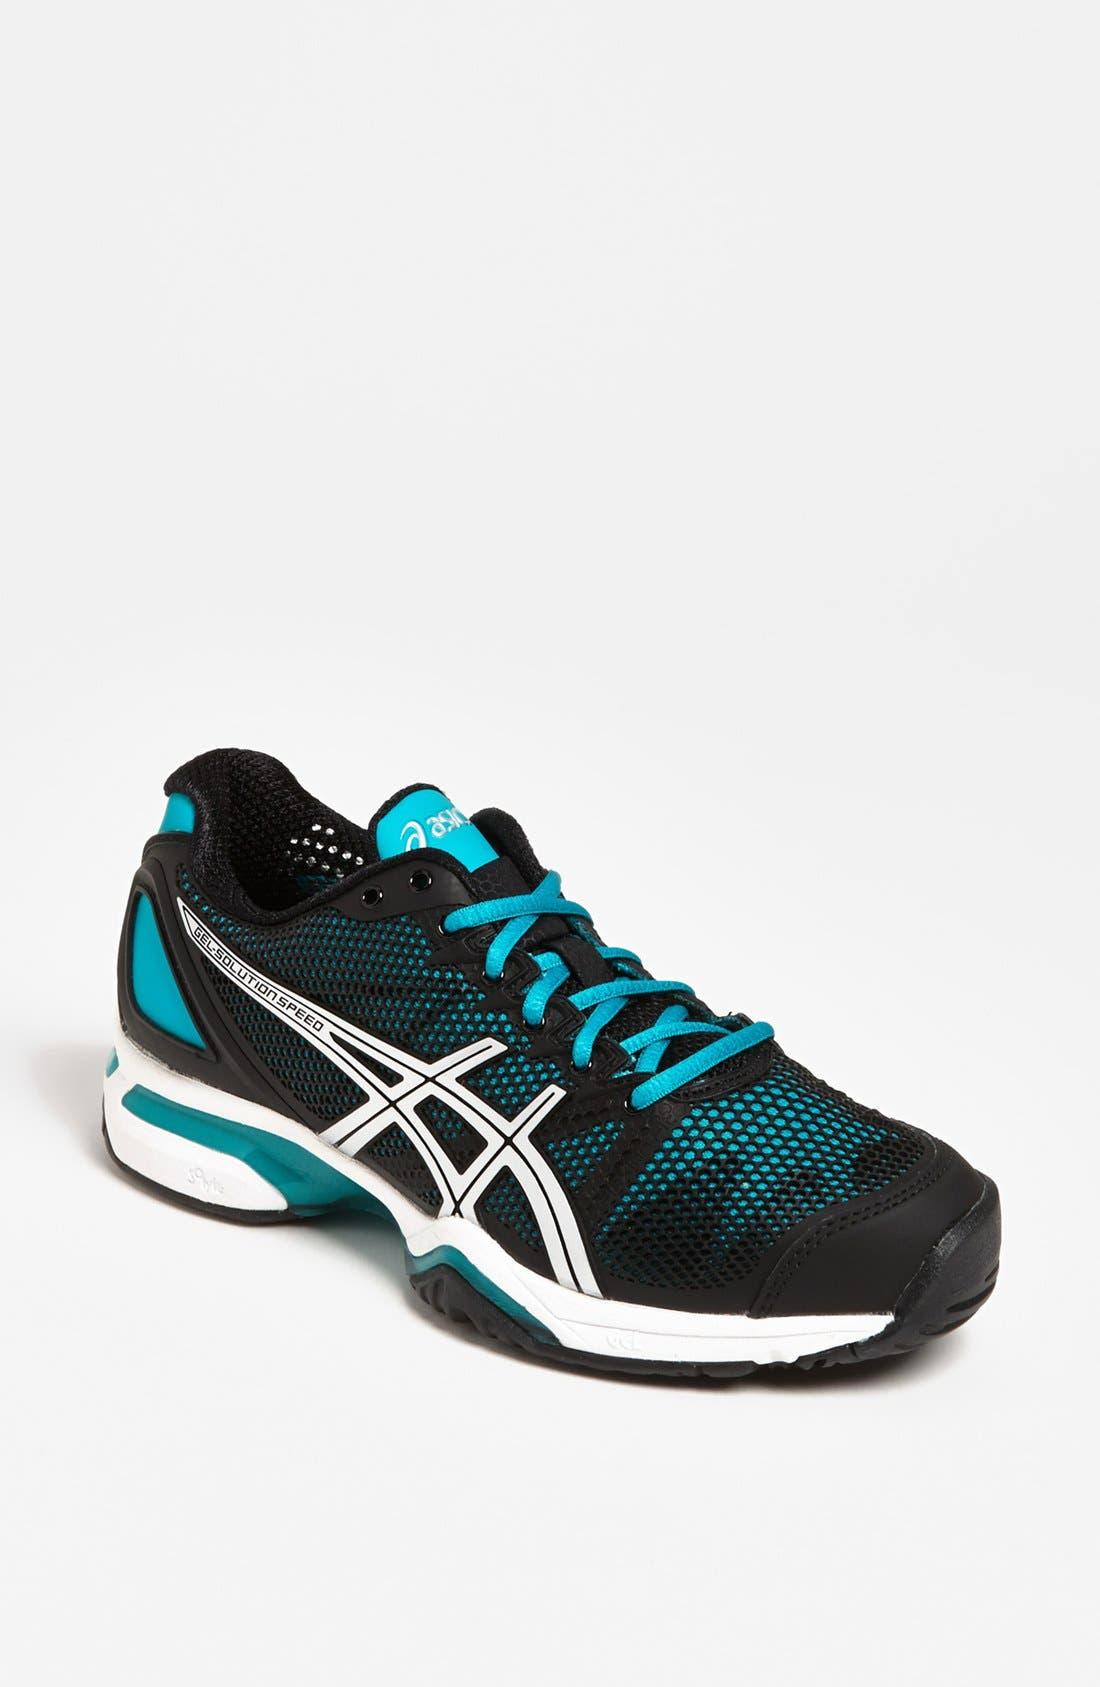 Main Image - ASICS® 'GEL-Solution Speed' Tennis Shoe (Women)(Regular Retail Price: $129.95)